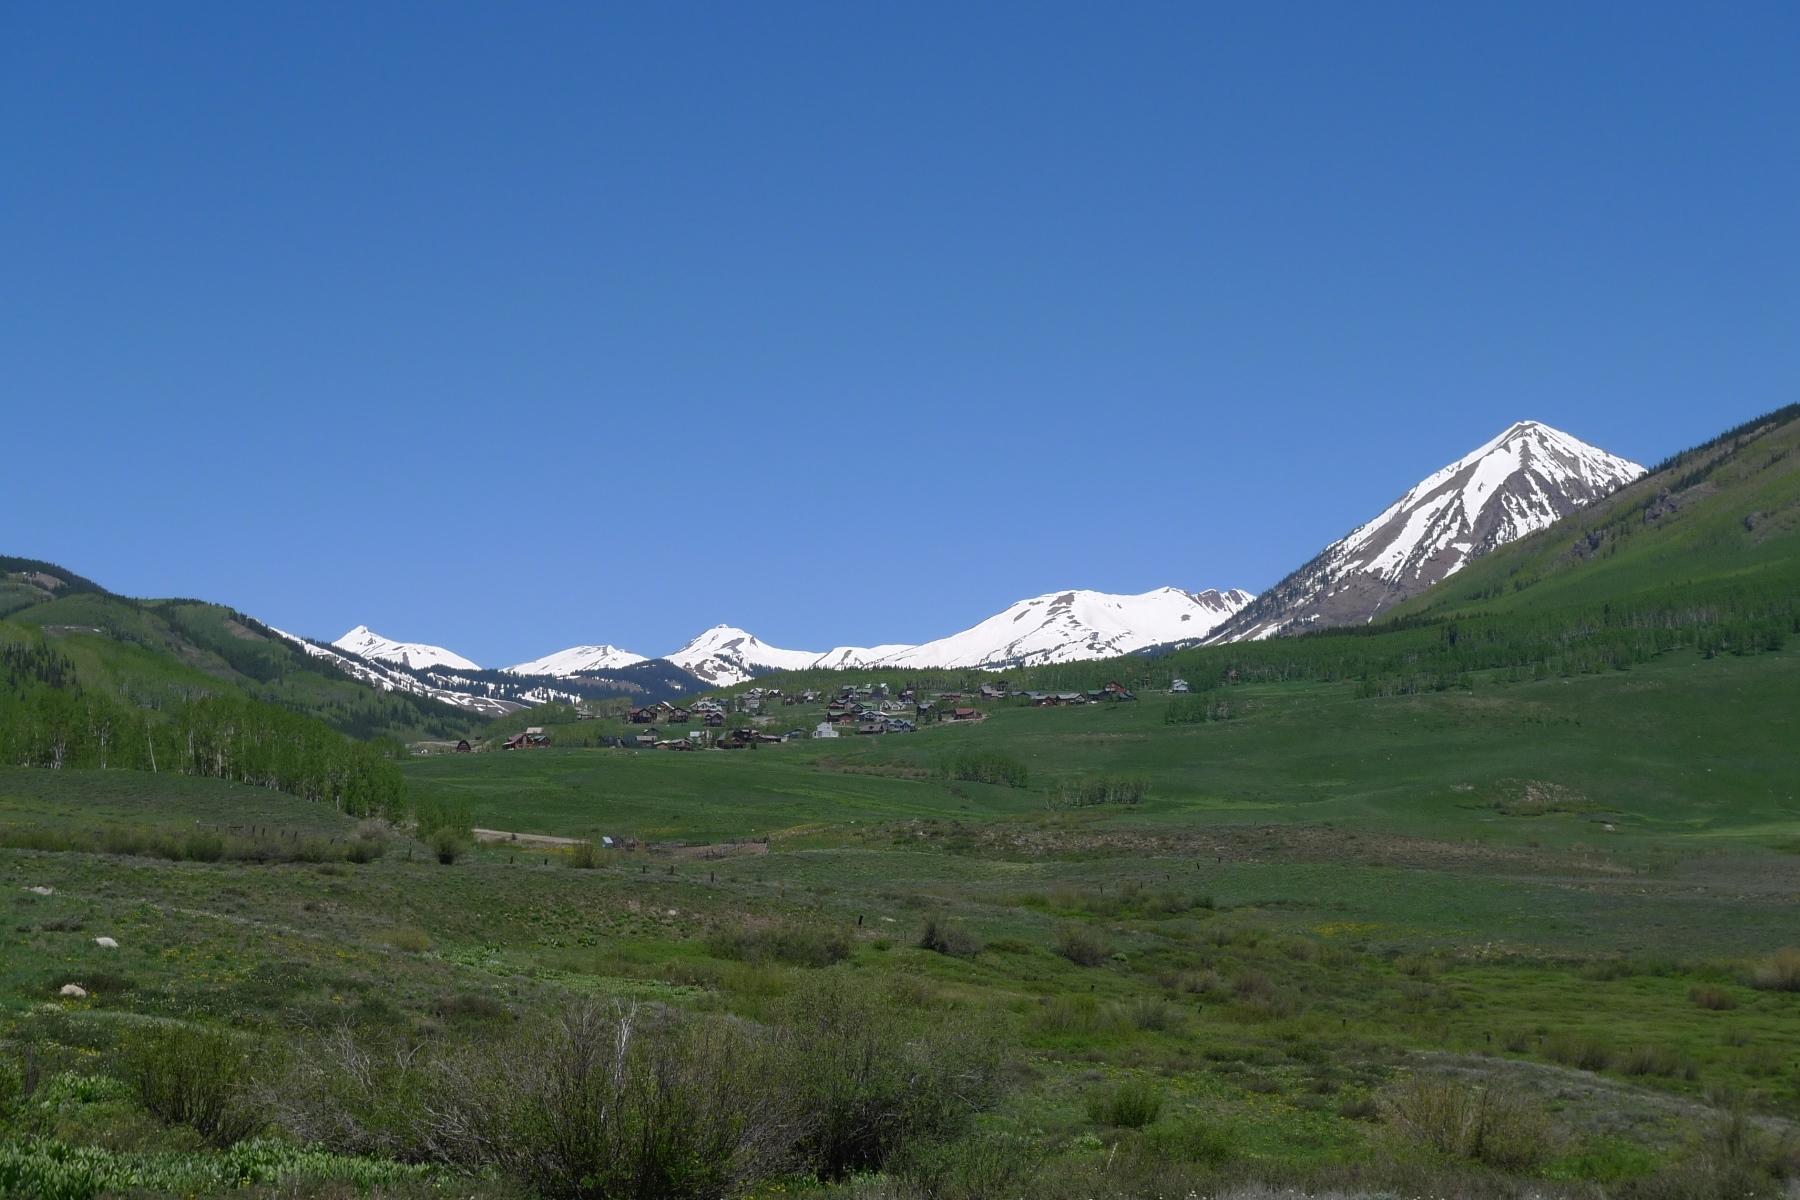 Satılık Mülk Mount Crested Butte